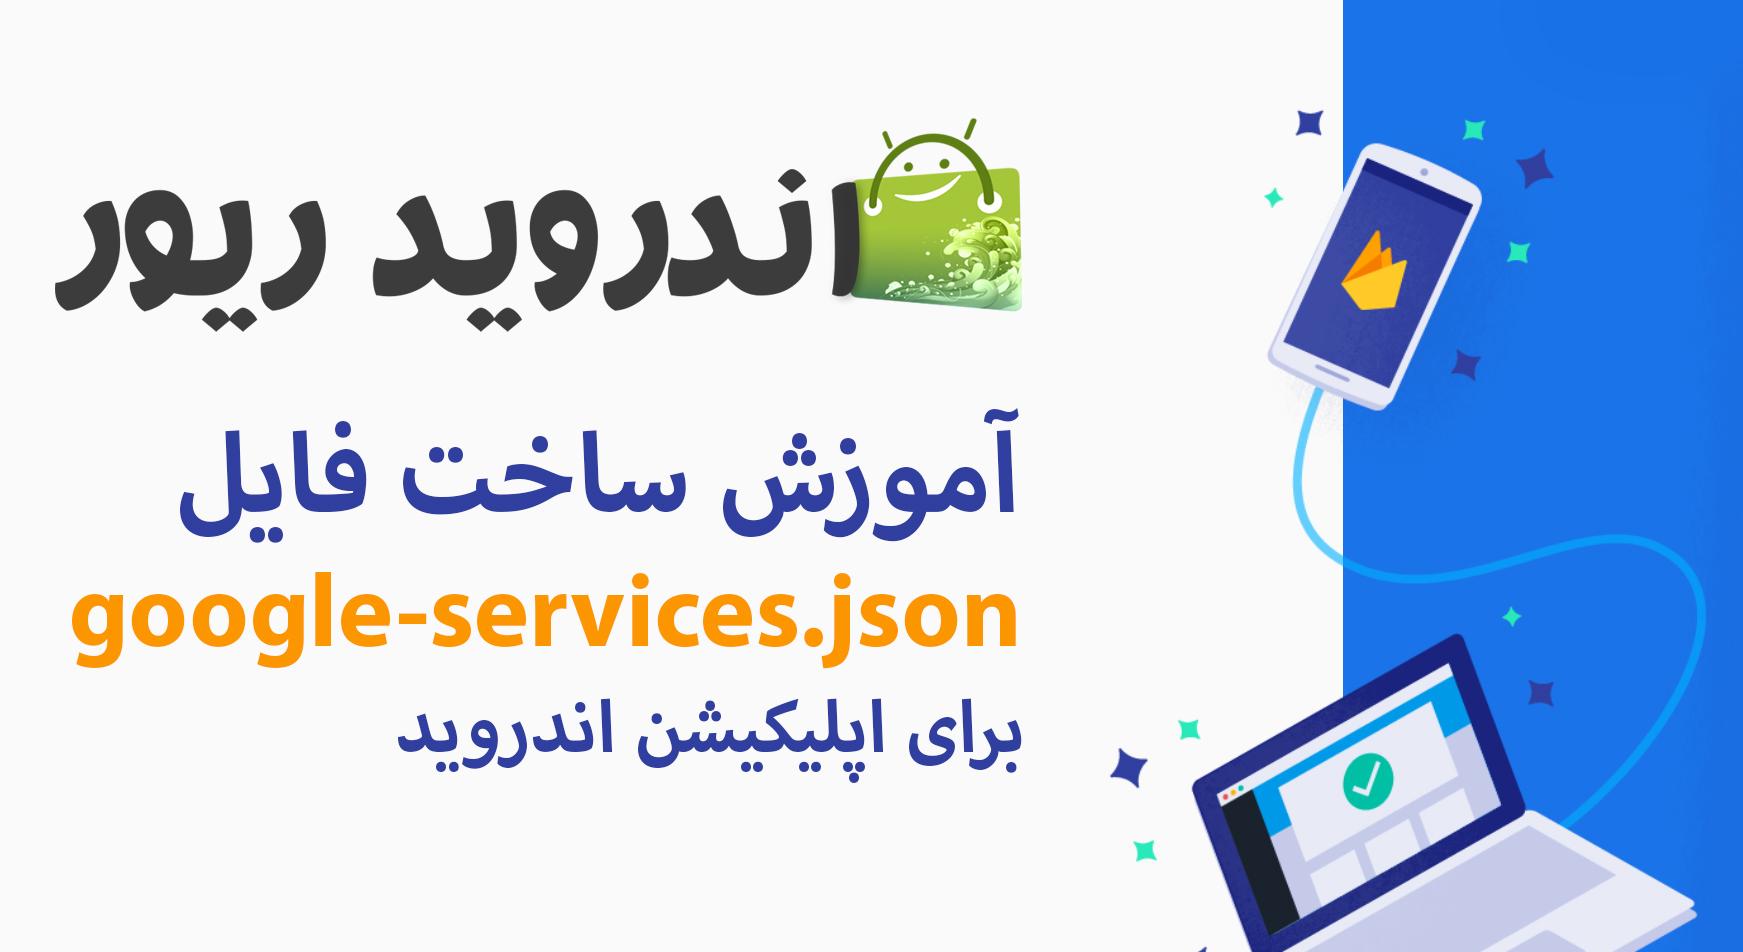 آموزش ساخت فایل google-services.json | وبلاگ مارکت سورس اندروید ریور